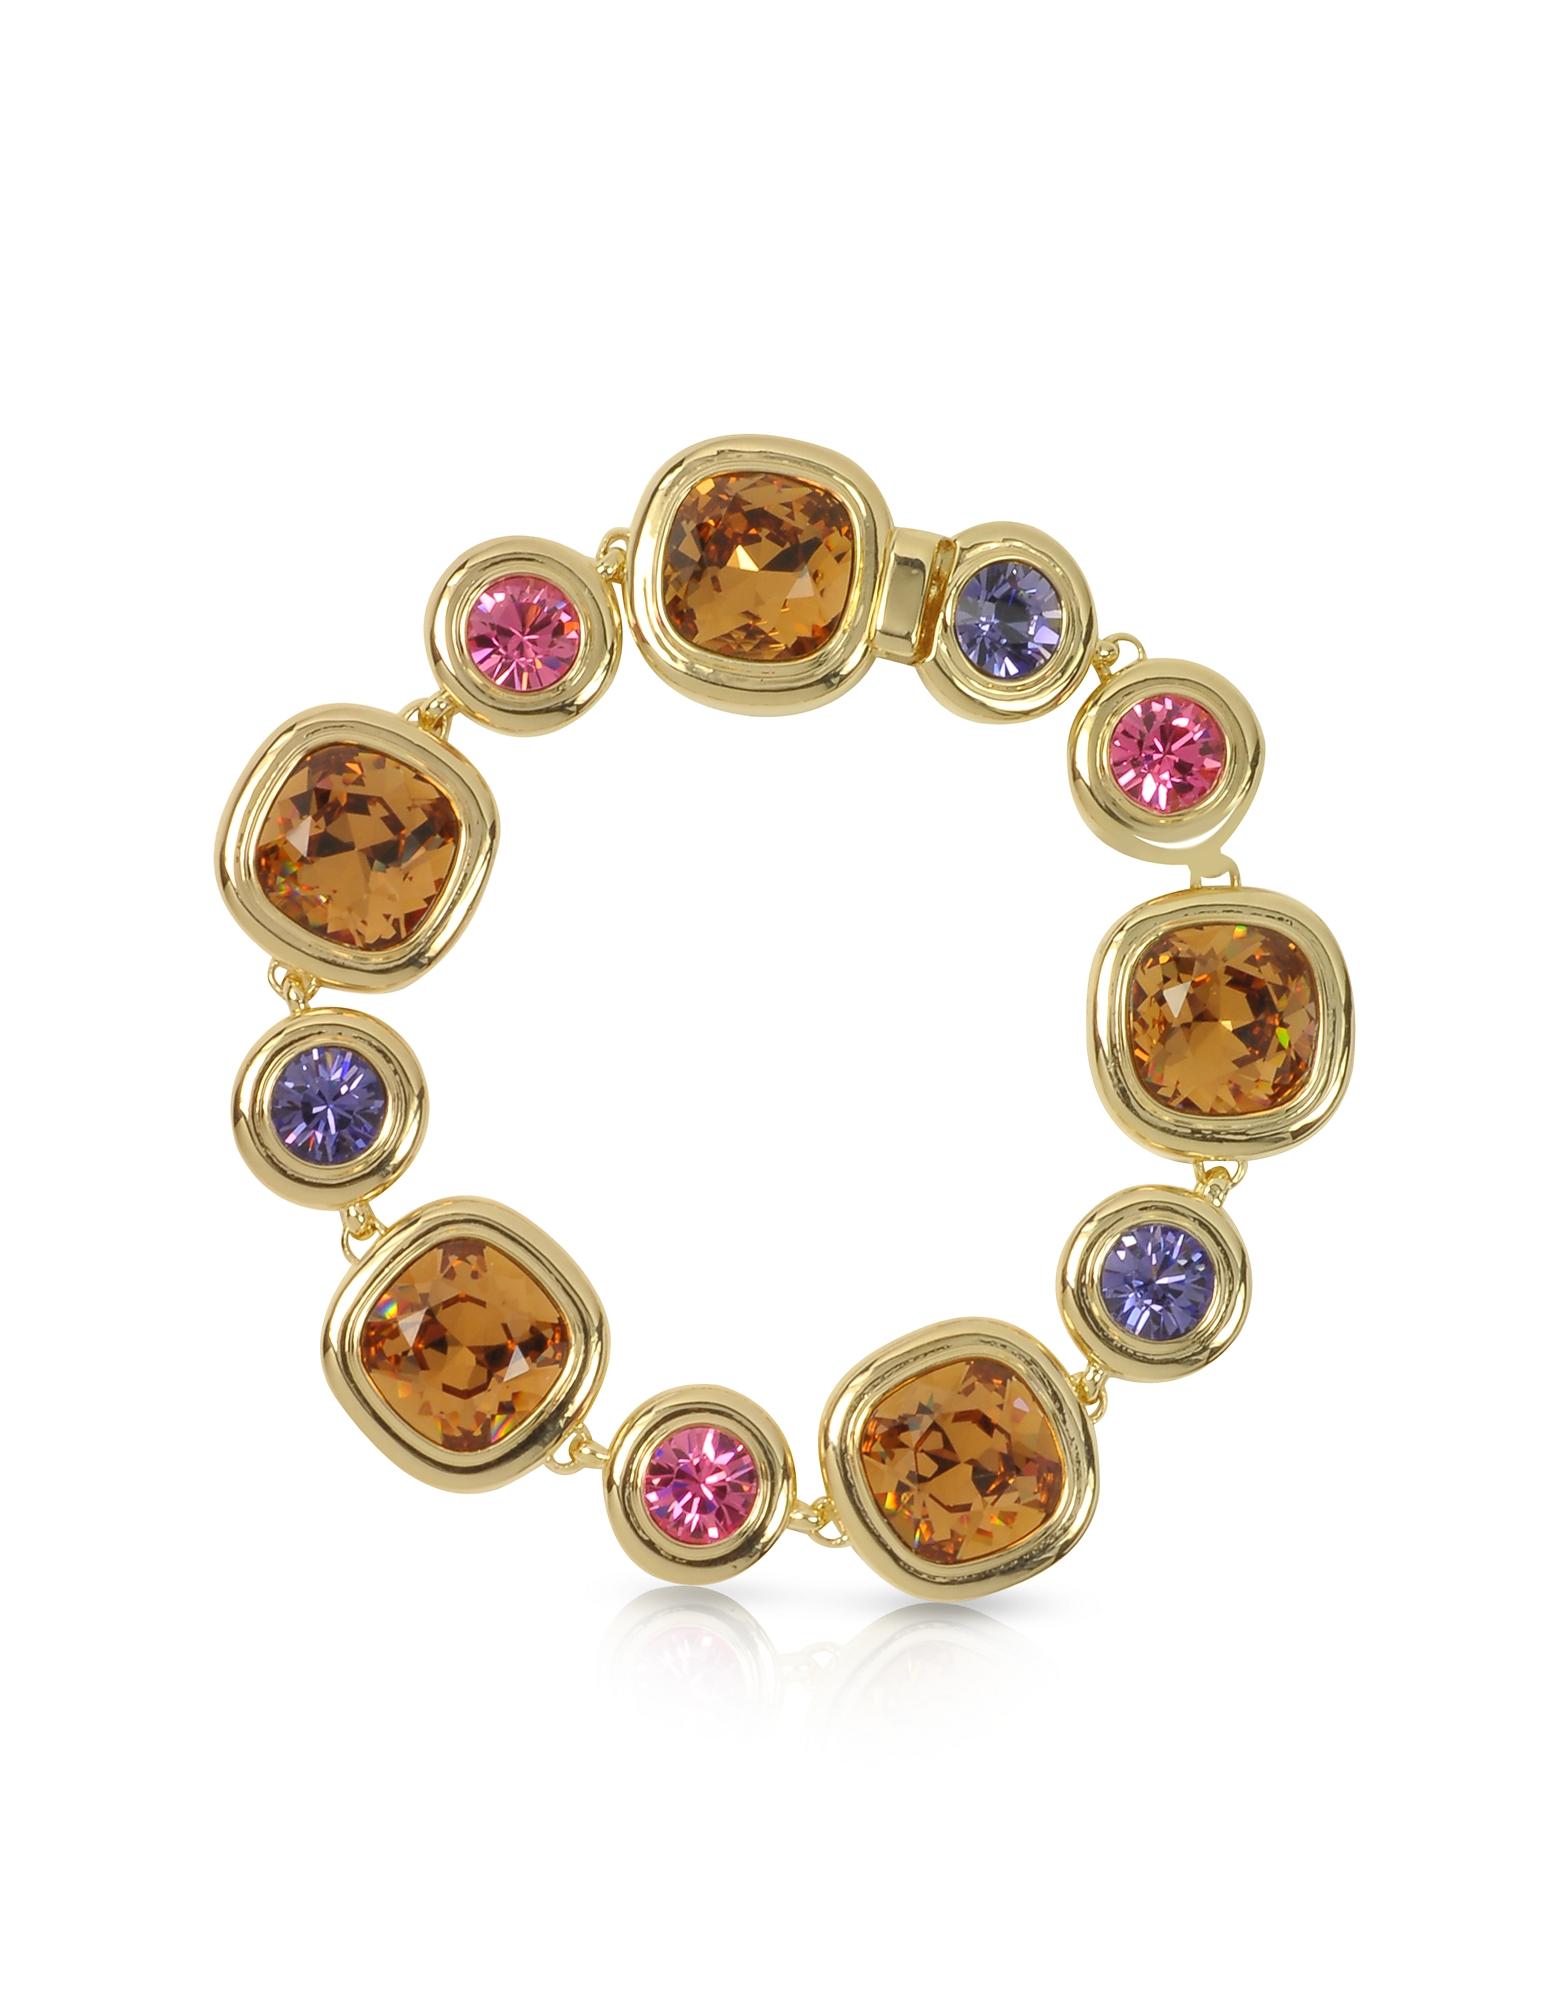 Браслет с Фиолетовыми, Розовыми и Коричневато-желтыми Кристаллами